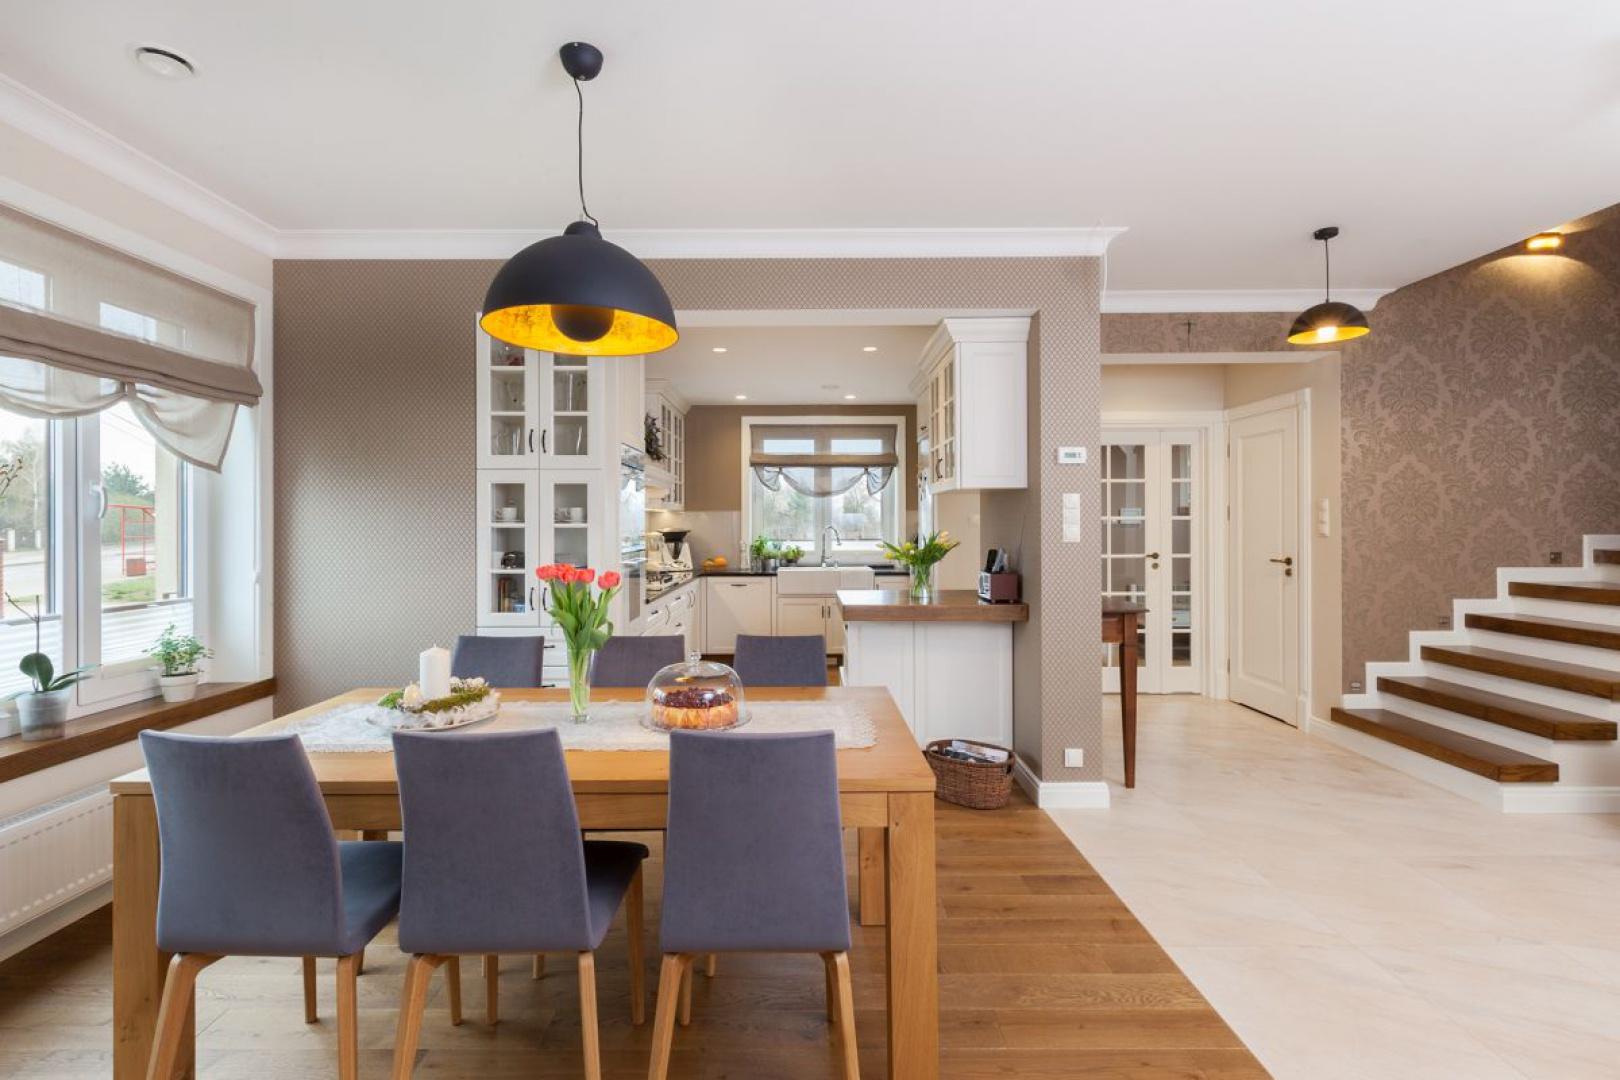 Koniakowy odcień podłogi efektownie kontrastuje z bielą ścian, drzwi i mebli kuchennych.